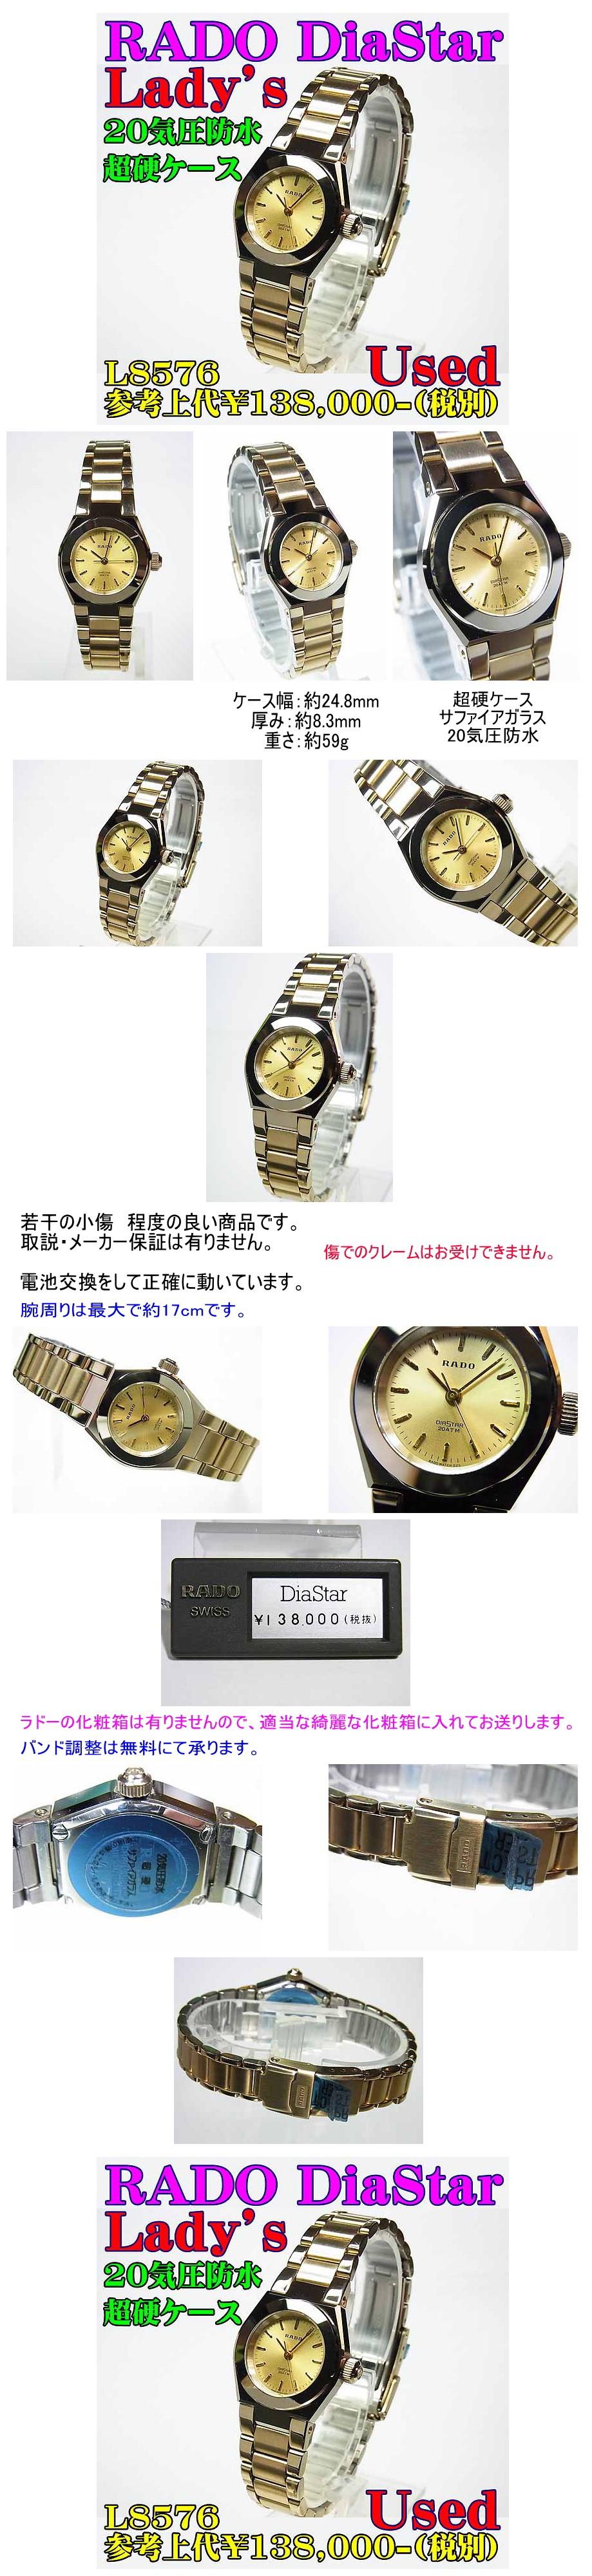 独自ホームページに付き送料無料!ラドー レディース ダイヤスター L8576 参考¥138,000-